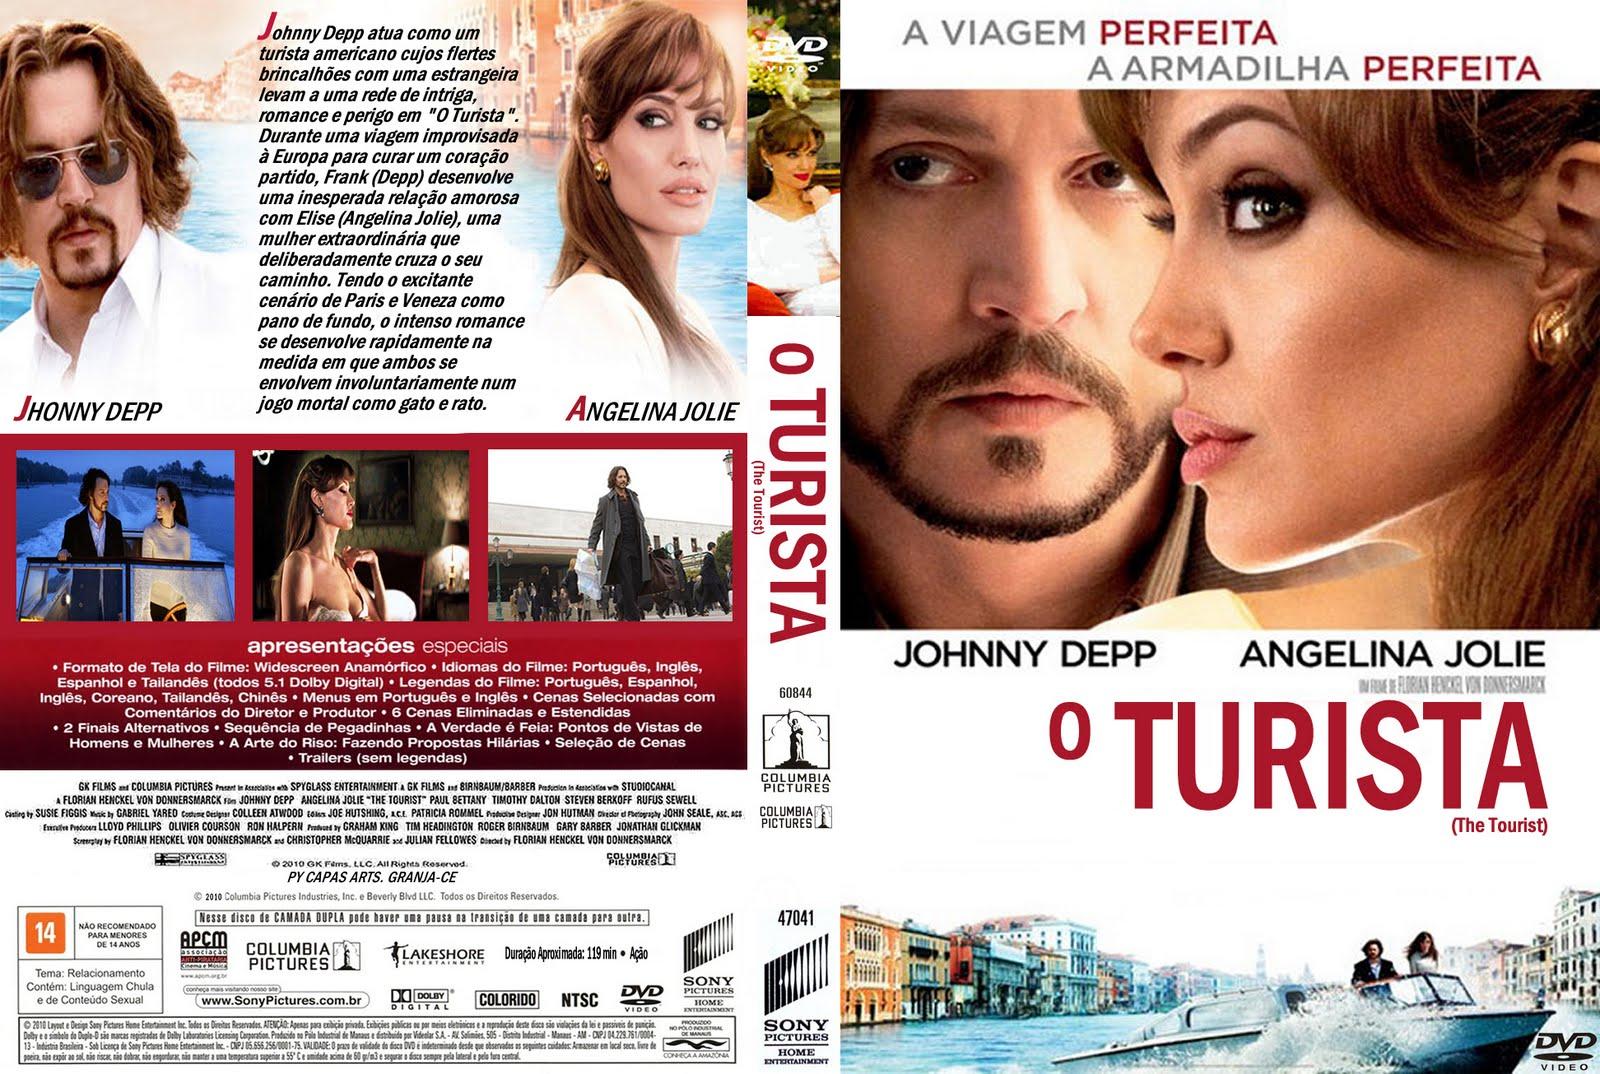 http://3.bp.blogspot.com/-iMRz-3piFM8/Tz2oj9b6ZcI/AAAAAAAAAho/wufQuQdrICk/s1600/O+Turista.jpg